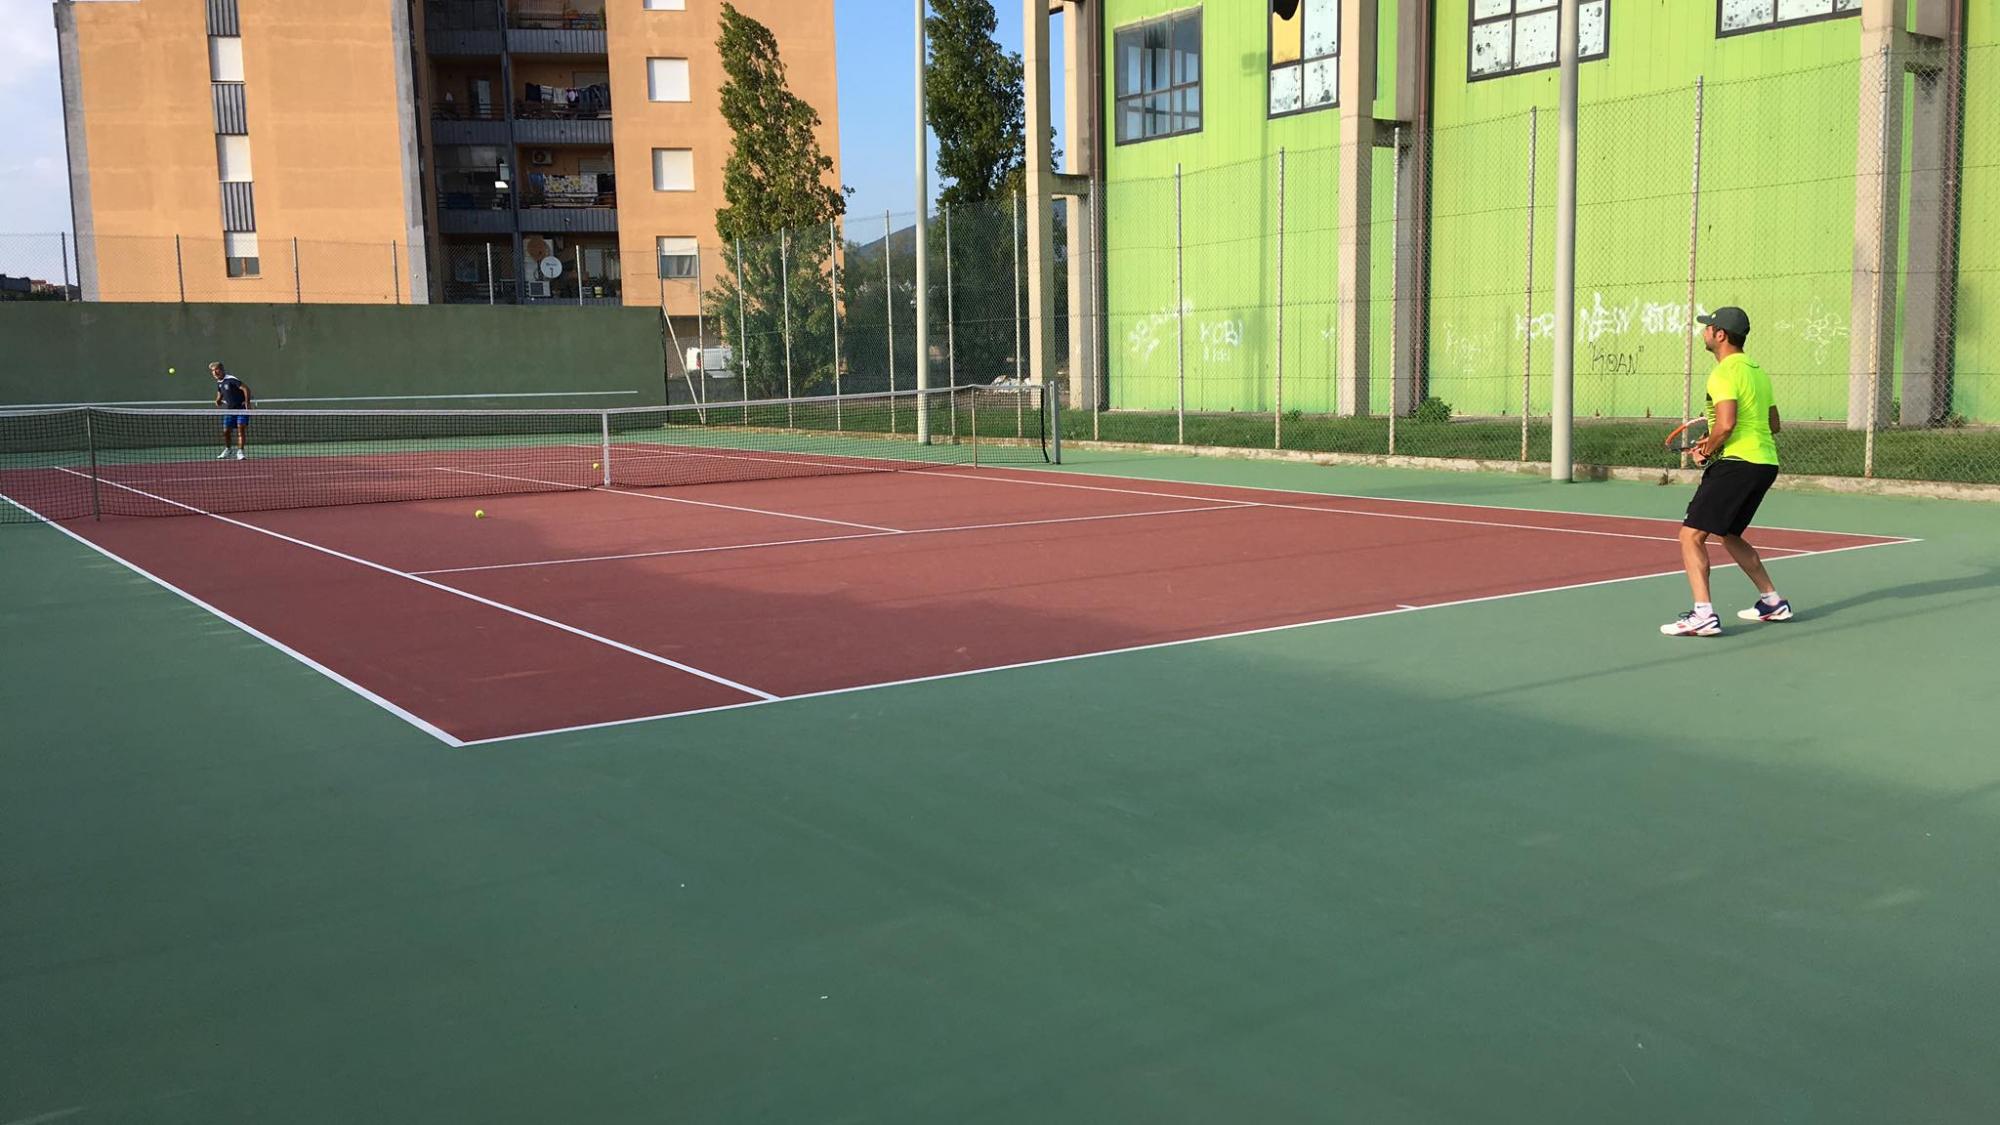 San Giovanni Suergiu - asd tennis club